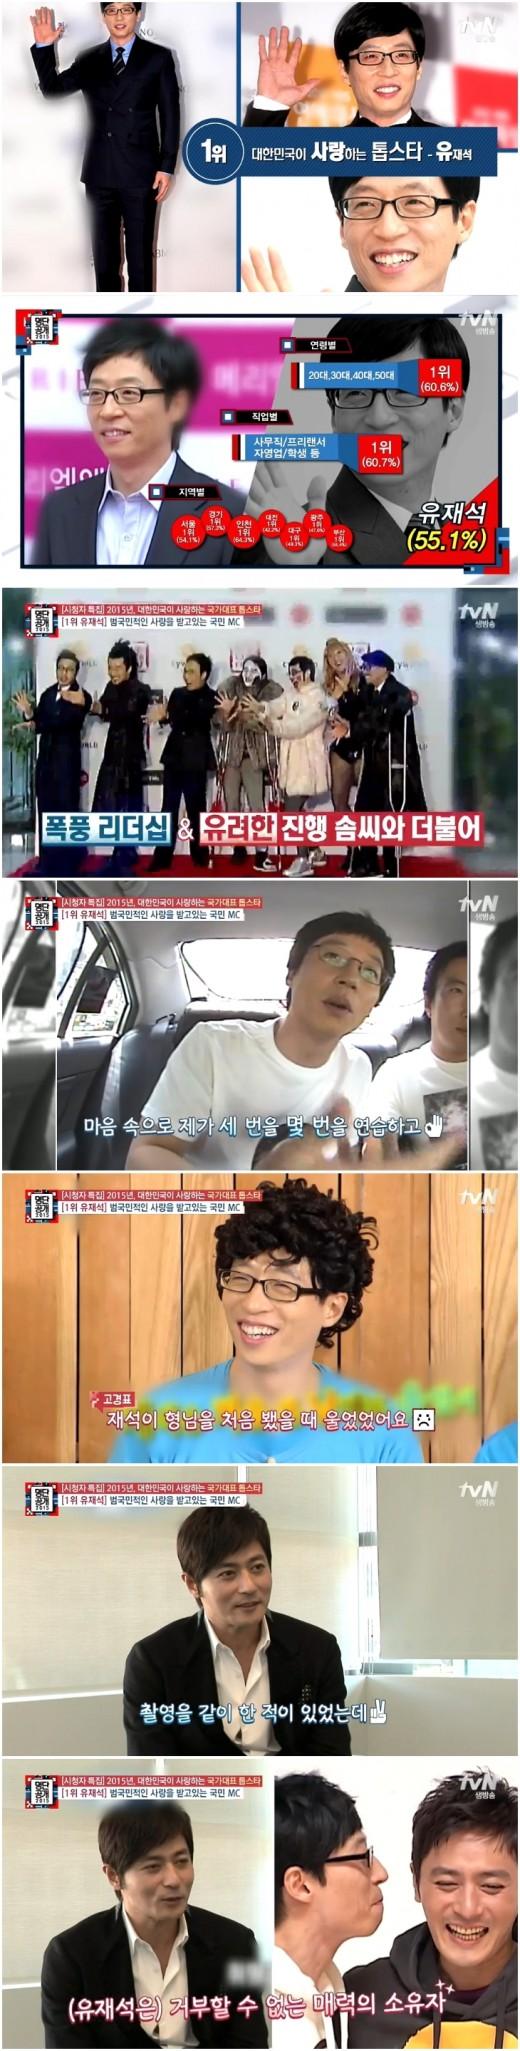 """유재석, 2015년 대한민국이 사랑한 스타로 선정…""""별 중에 별"""""""